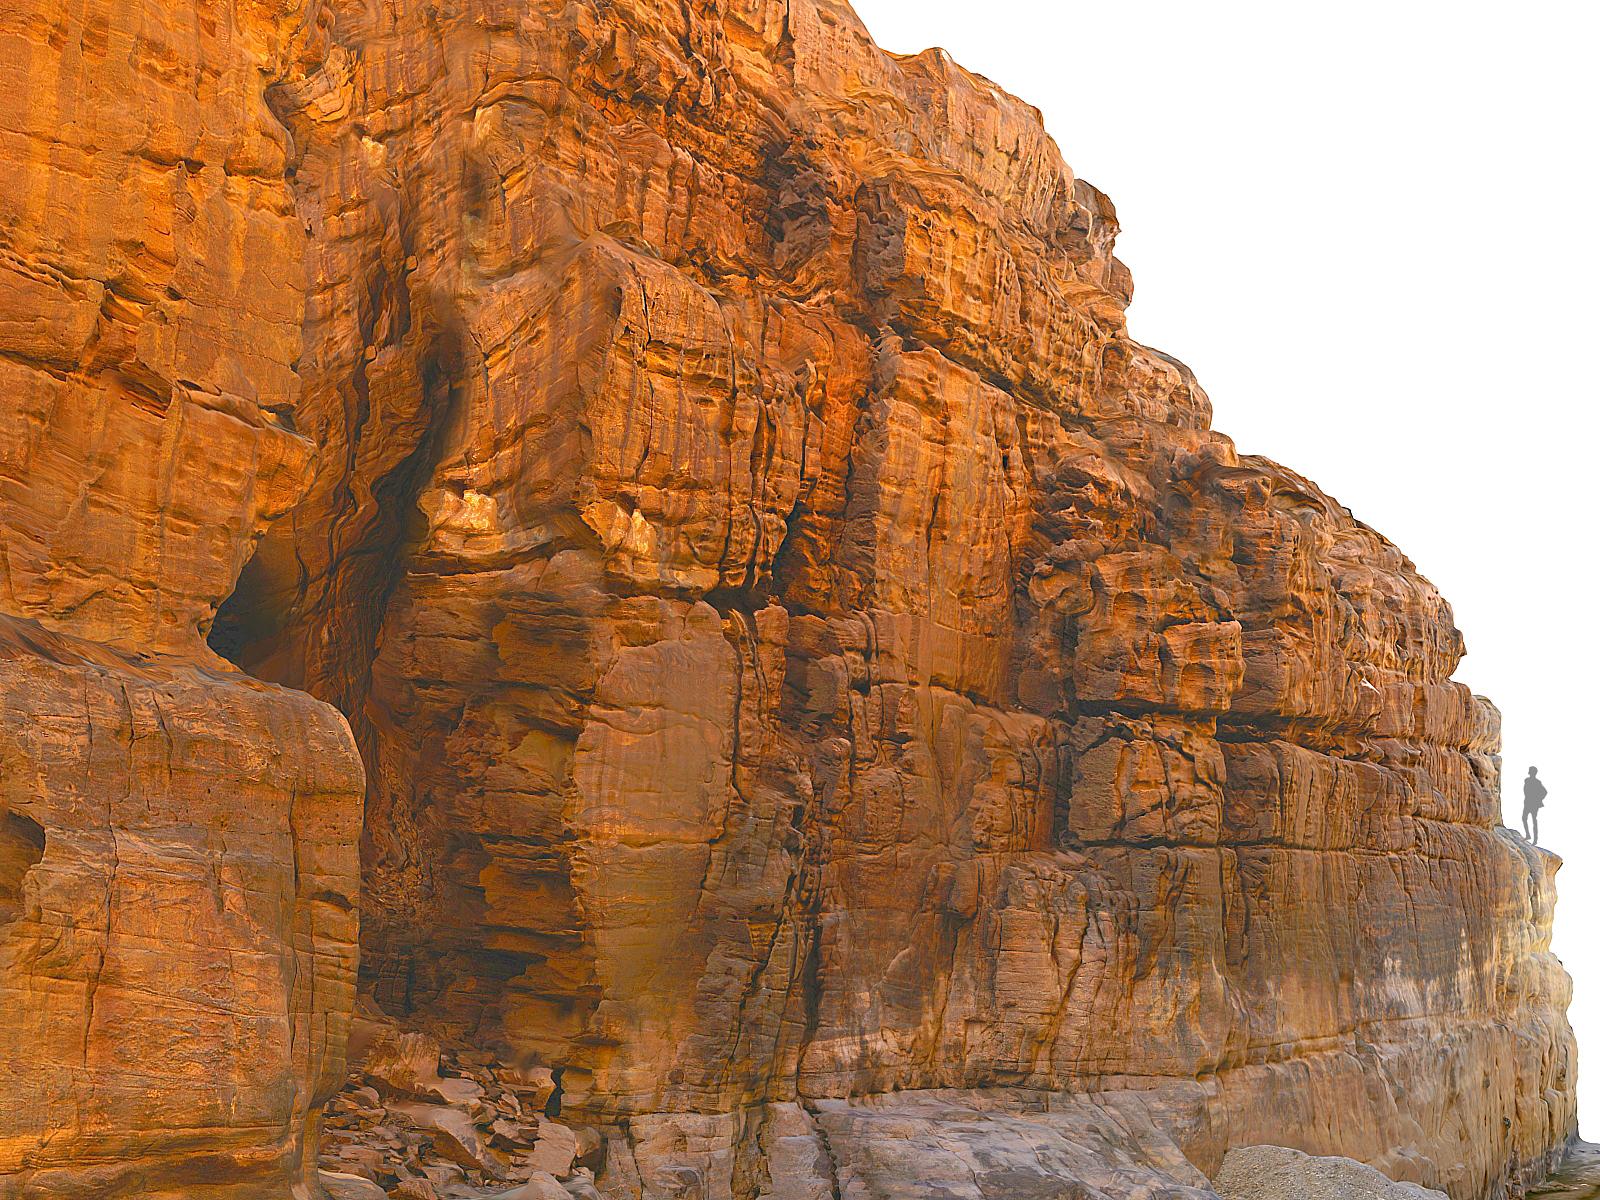 Petra Canyon Ultra Hd 16k